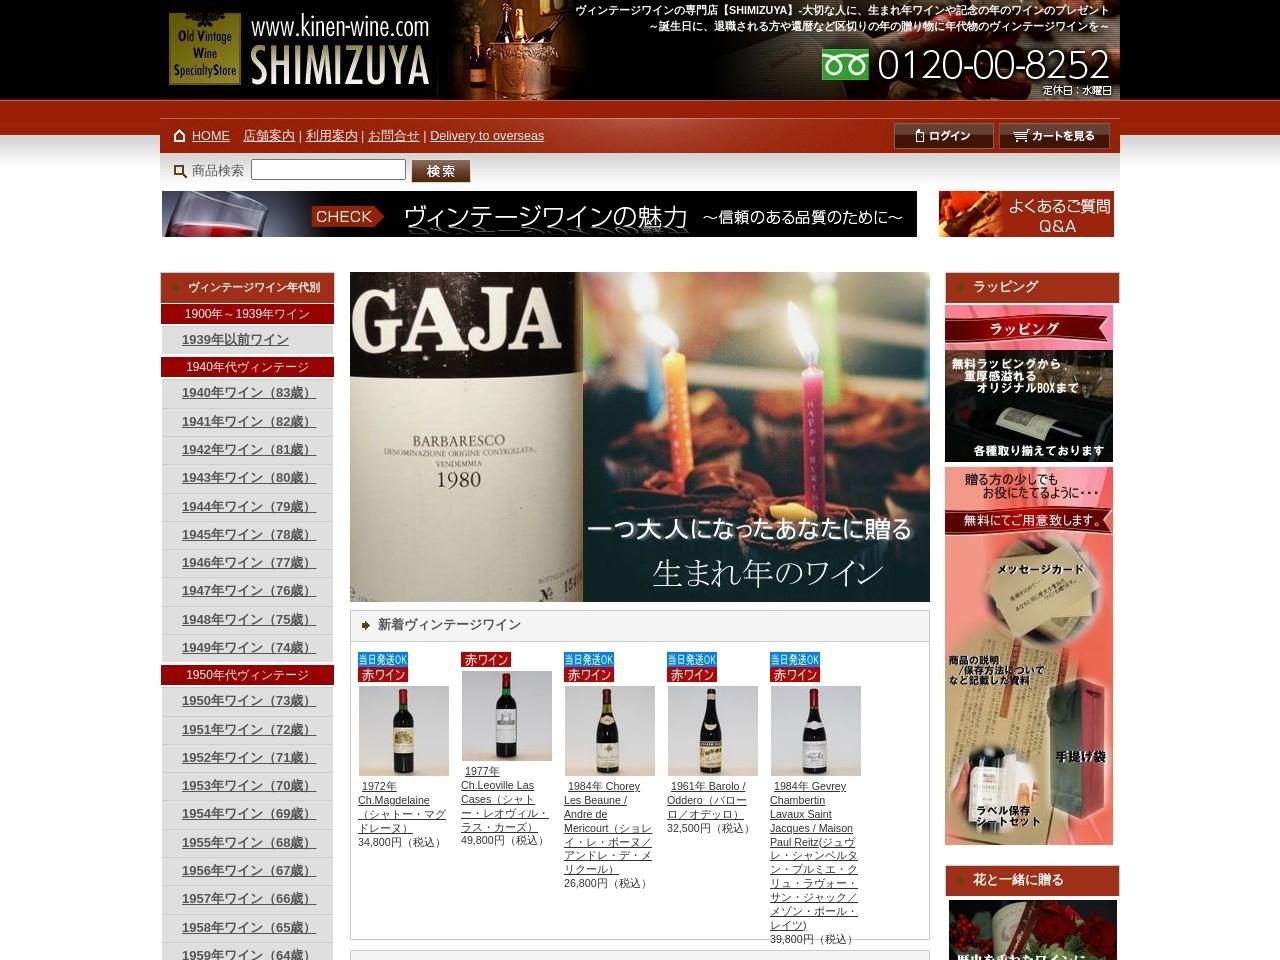 ヴィンテージワインの専門店【SHIMIZUYA】 -思い出の年のワイン通販